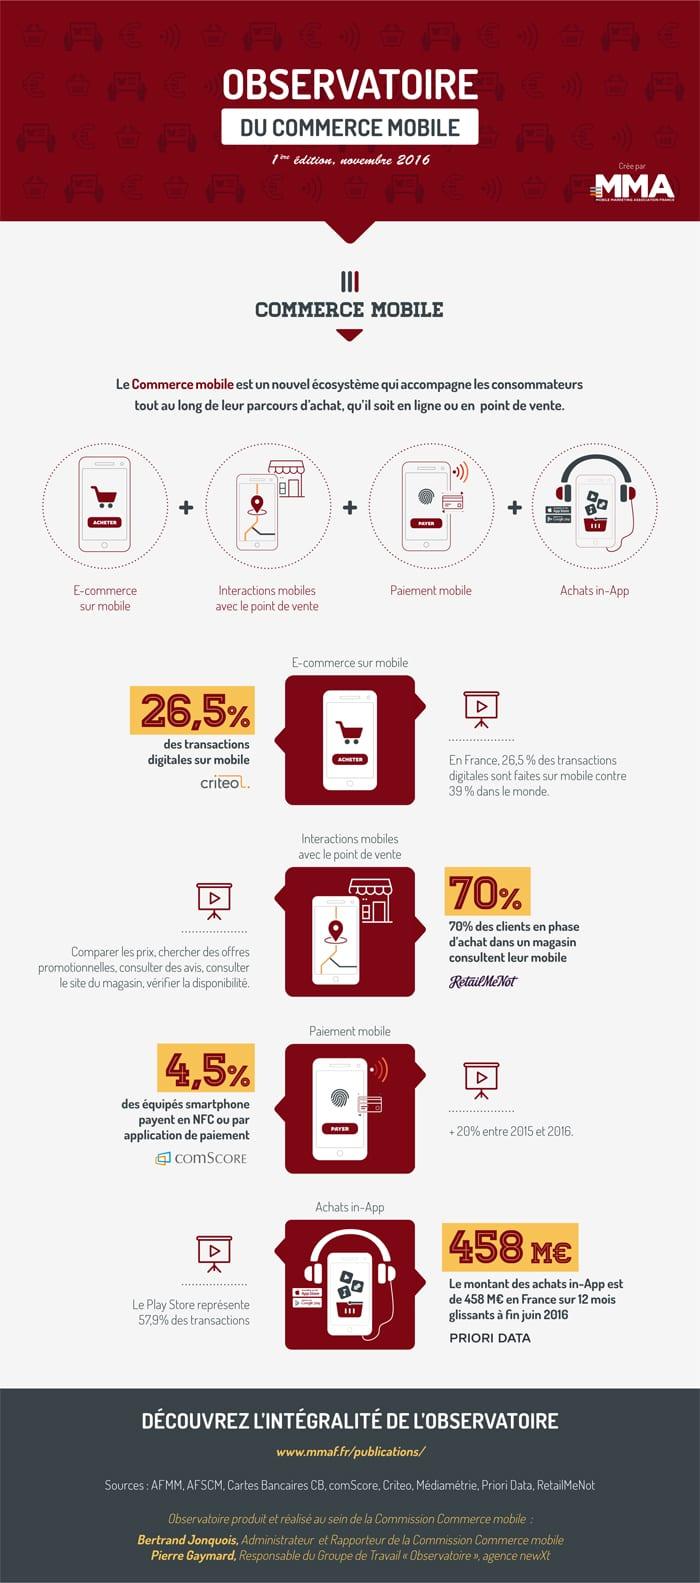 Infographie sur les chiffres clés du commerce mobile / m-commerce 2016